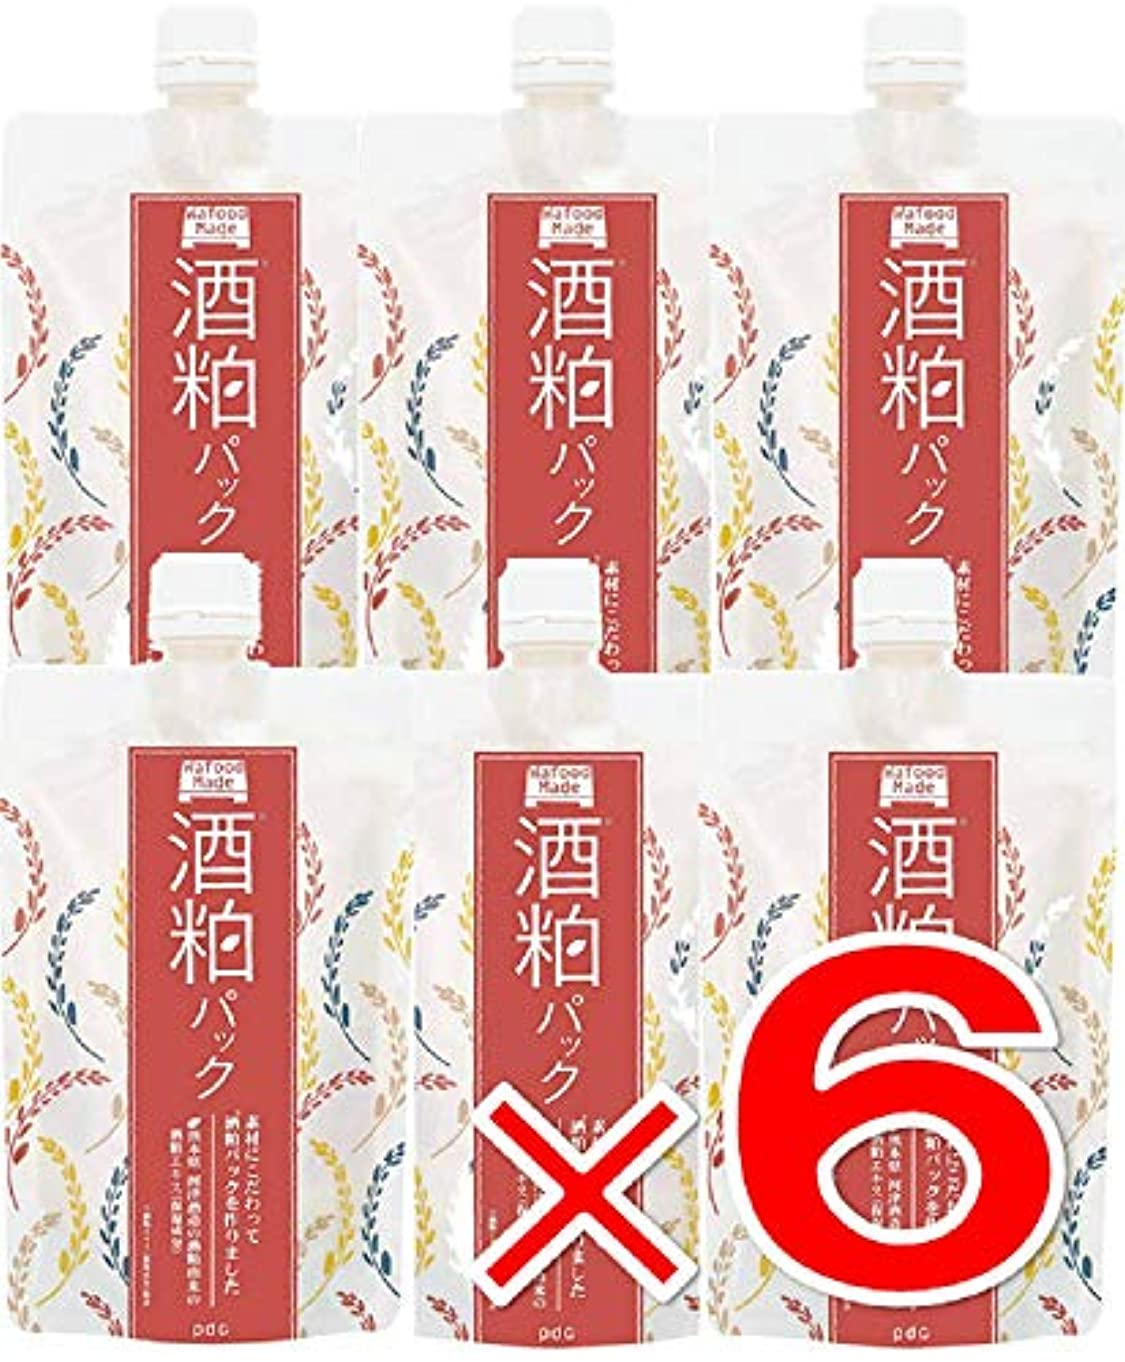 キモい新聞白鳥【 6個 】 ワフードメイド (Wafood Made) 酒粕パック 170g 日本製